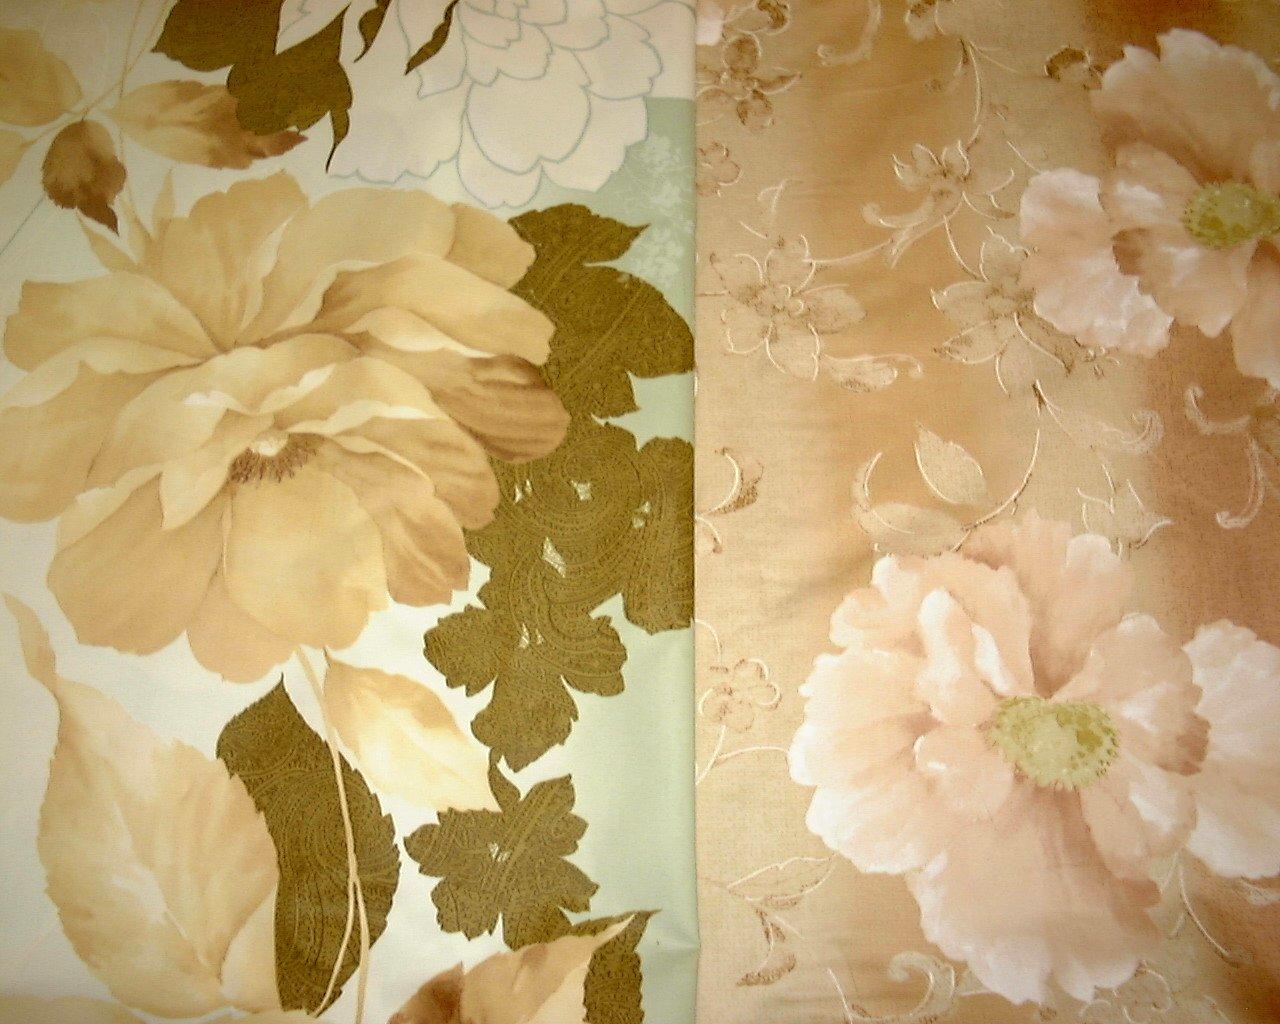 ダニを通さない高密度織り生地 柄込み 花柄プリントロング掛カバー 230x230cm キング 無地グリーン B00L37J1J0  無地グリーン